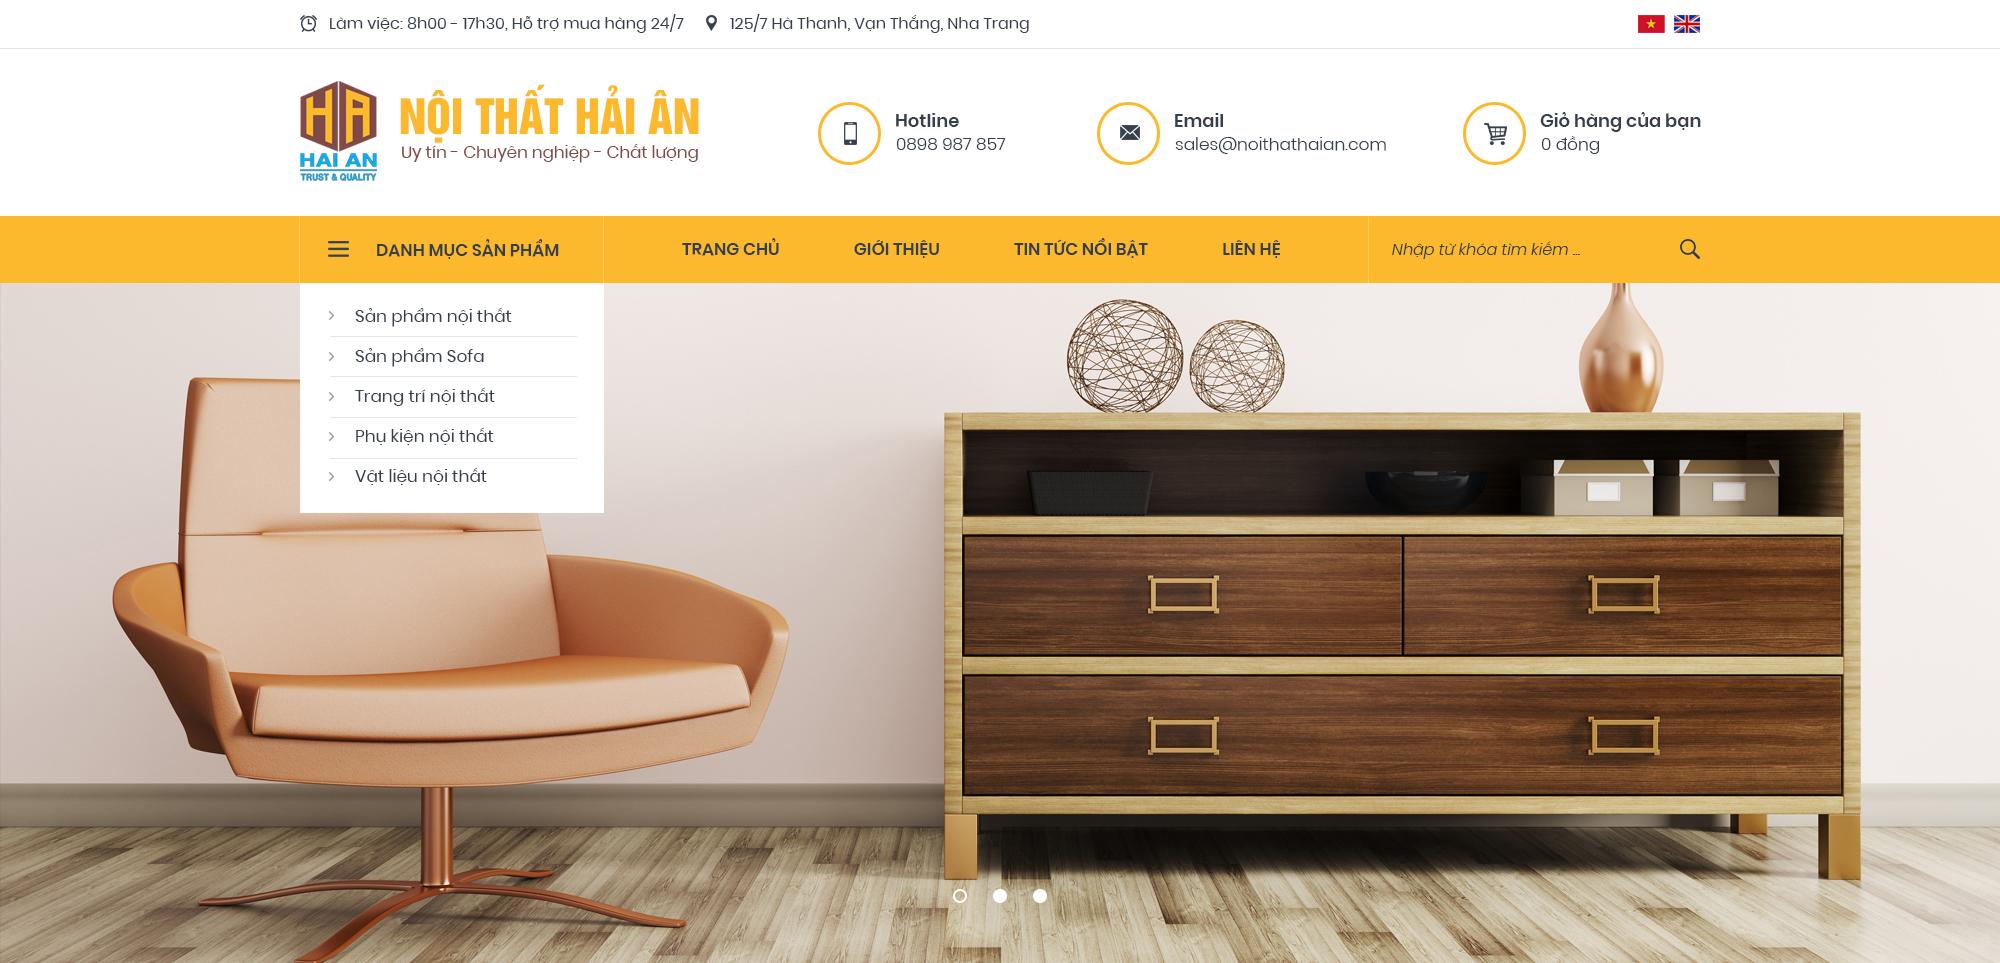 Thiết kế web Nội Thất Nha Trang | PutaDesign